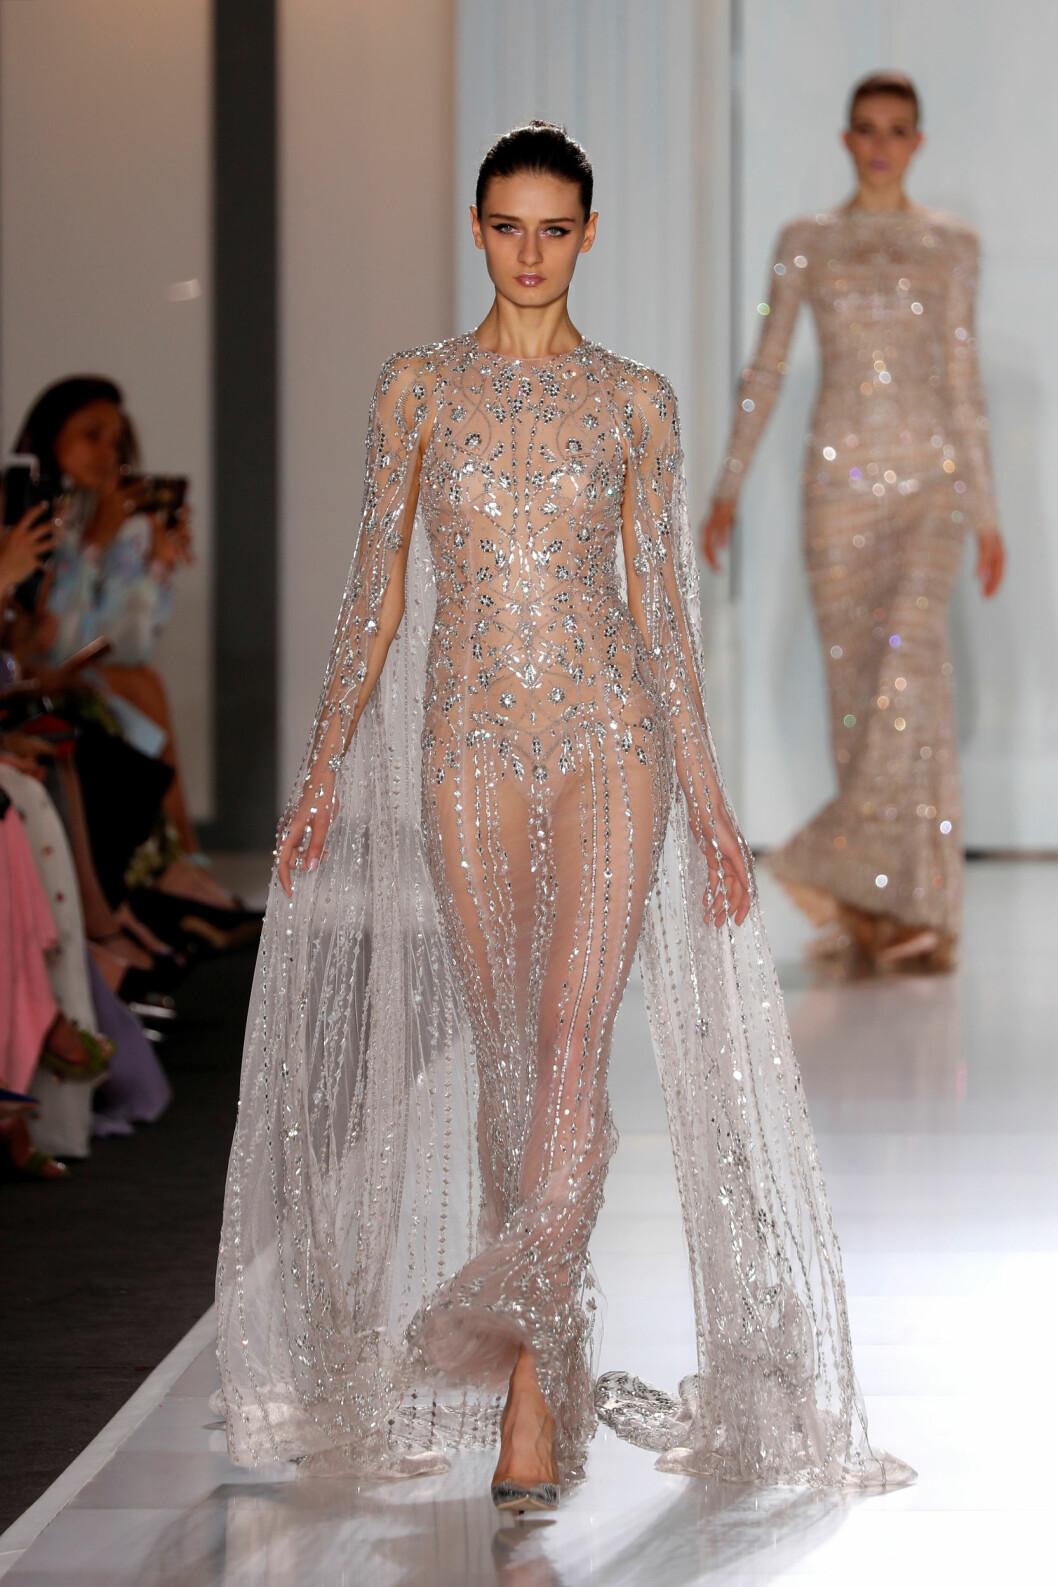 RALPH & RUSSO: Denne kjolen har 40.000 Swarowski krystaller på seg og designerne brukte 3000 timer på å lage den. Foto: Reuters